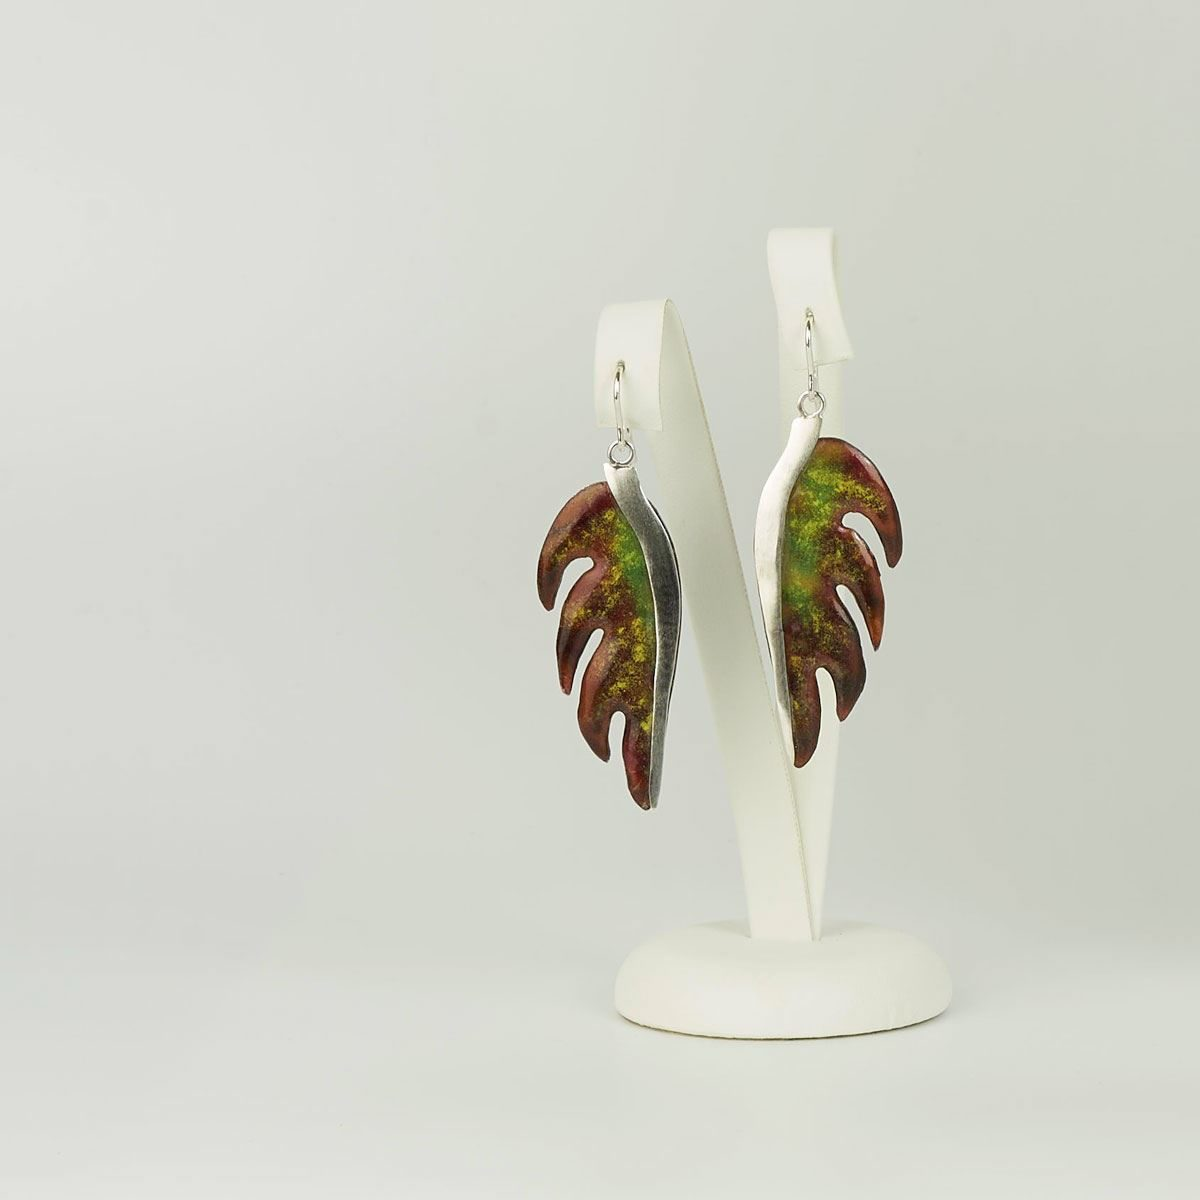 Pendientes diseño modelo Palma. Joyería de diseño en plata y esmalte al fuego, Joyas Siliva.